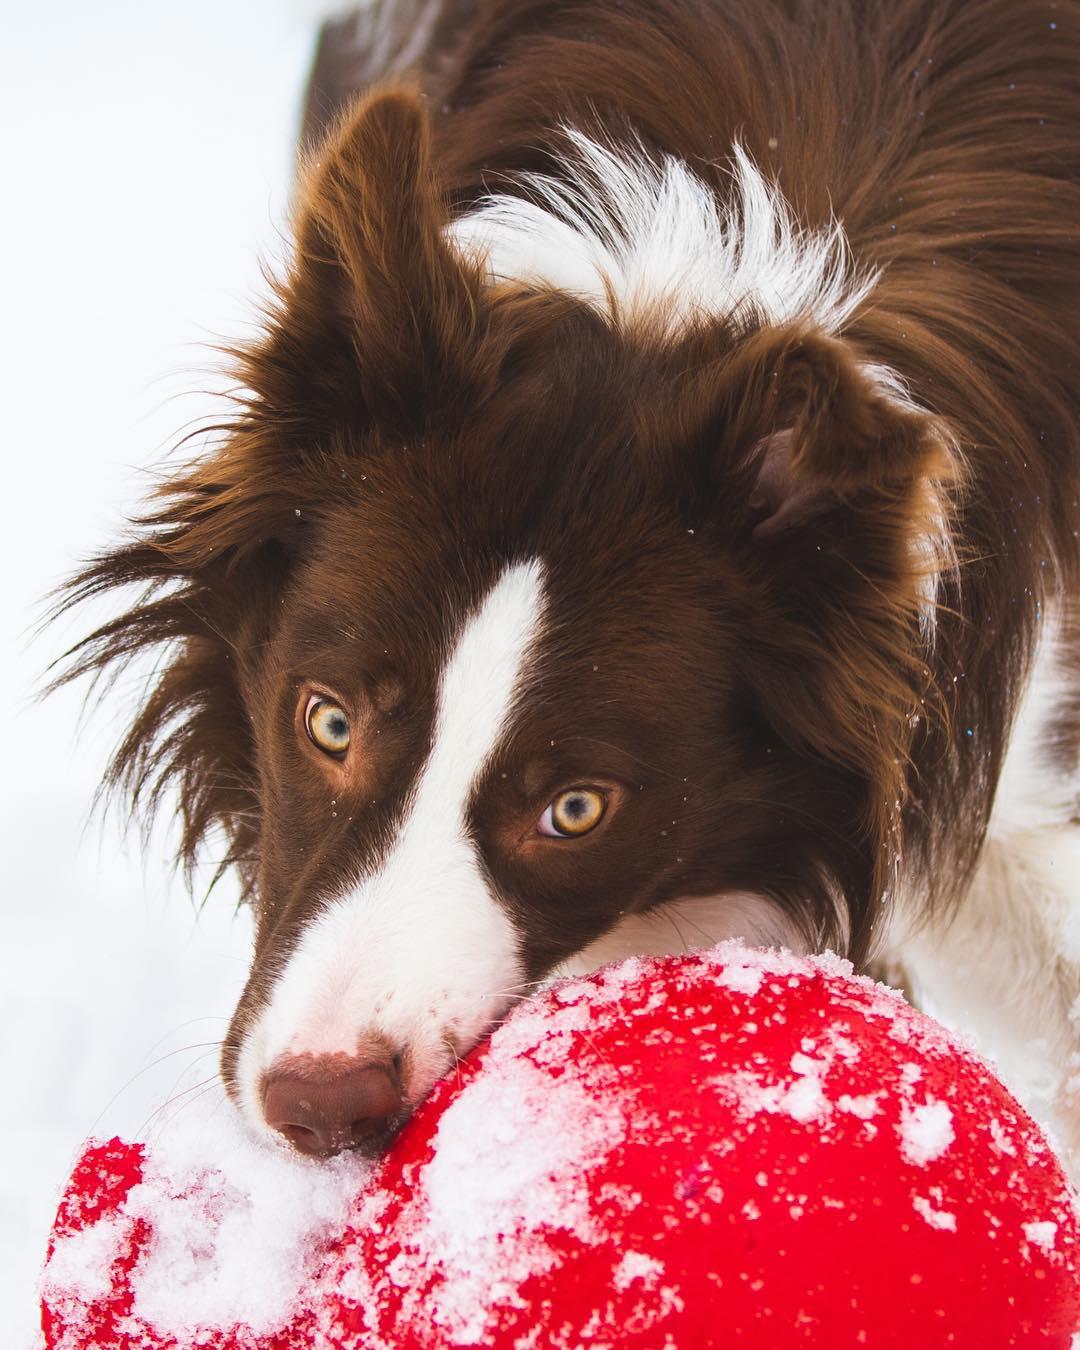 Adorable perro intentando jugar a buscar la pelota